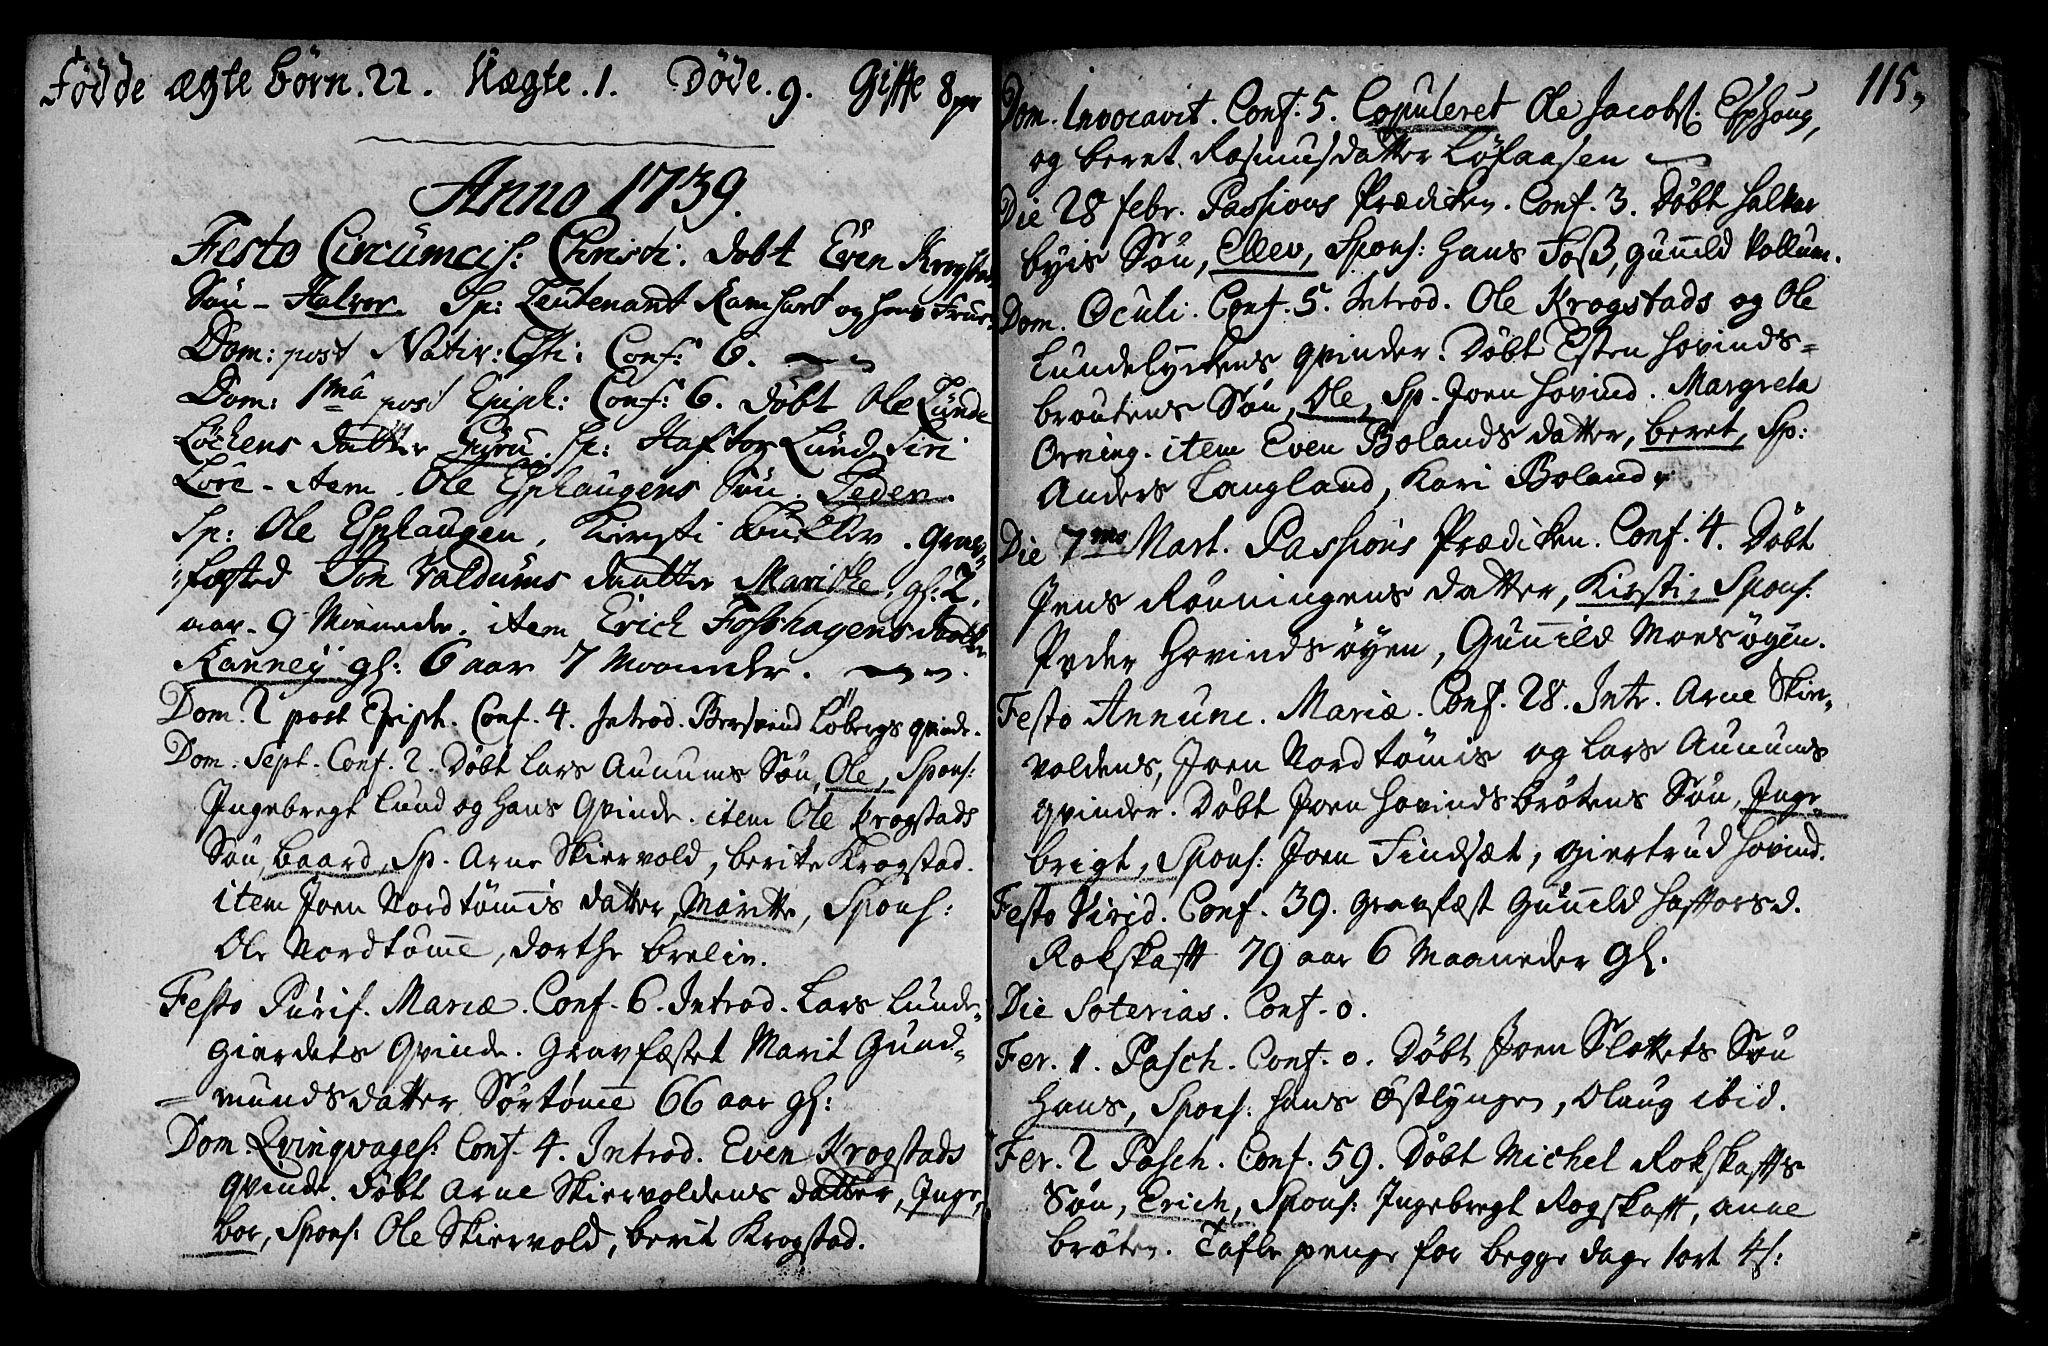 SAT, Ministerialprotokoller, klokkerbøker og fødselsregistre - Sør-Trøndelag, 692/L1101: Ministerialbok nr. 692A01, 1690-1746, s. 115